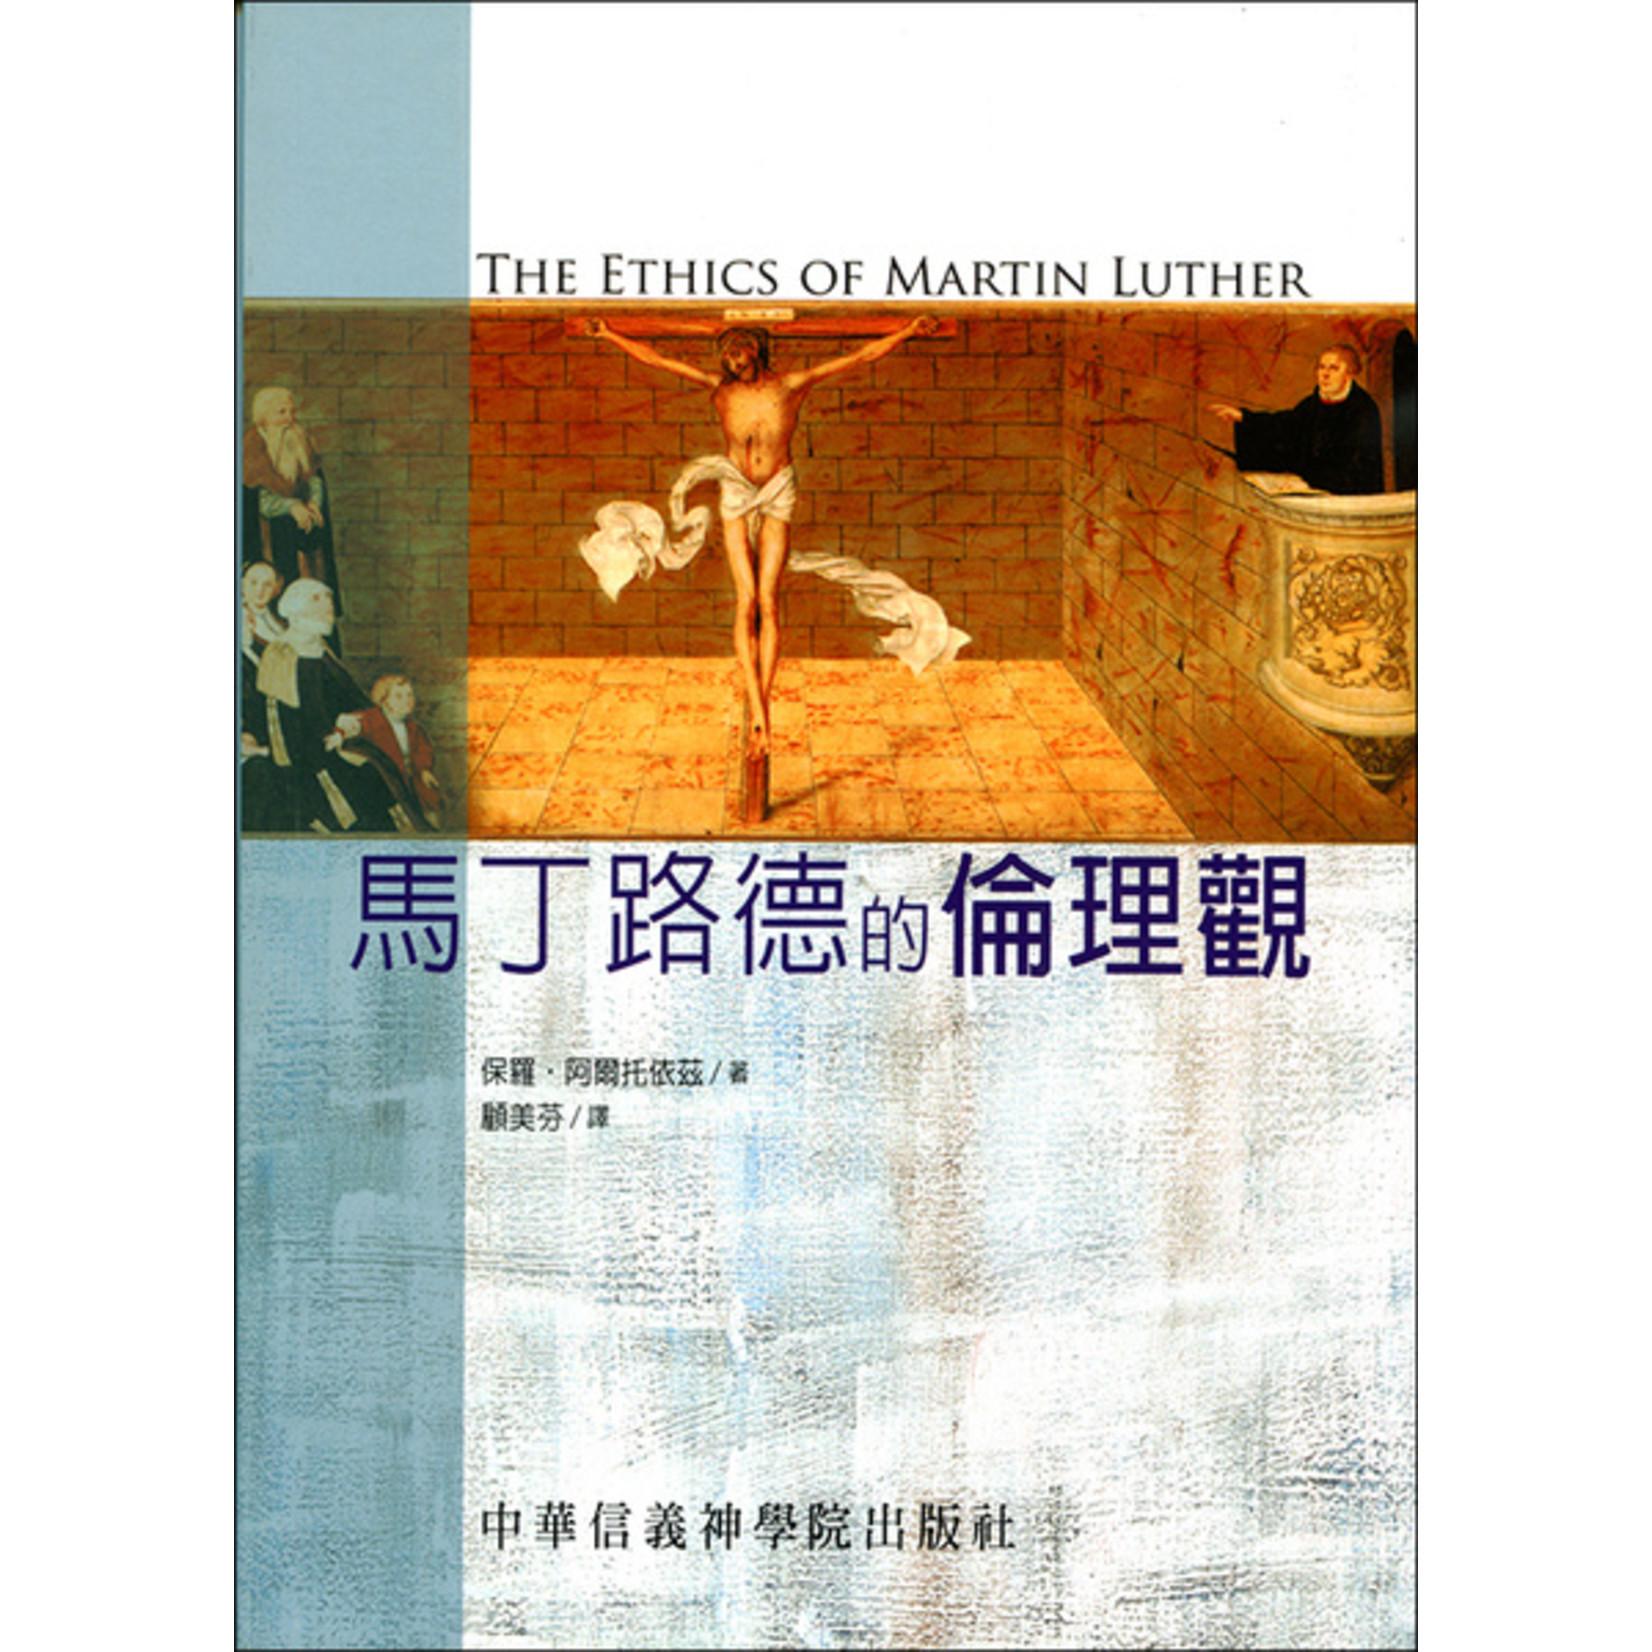 中華信義神學院 China Lutheran Seminary 馬丁路德的倫理觀 Ethics of Martin Luther